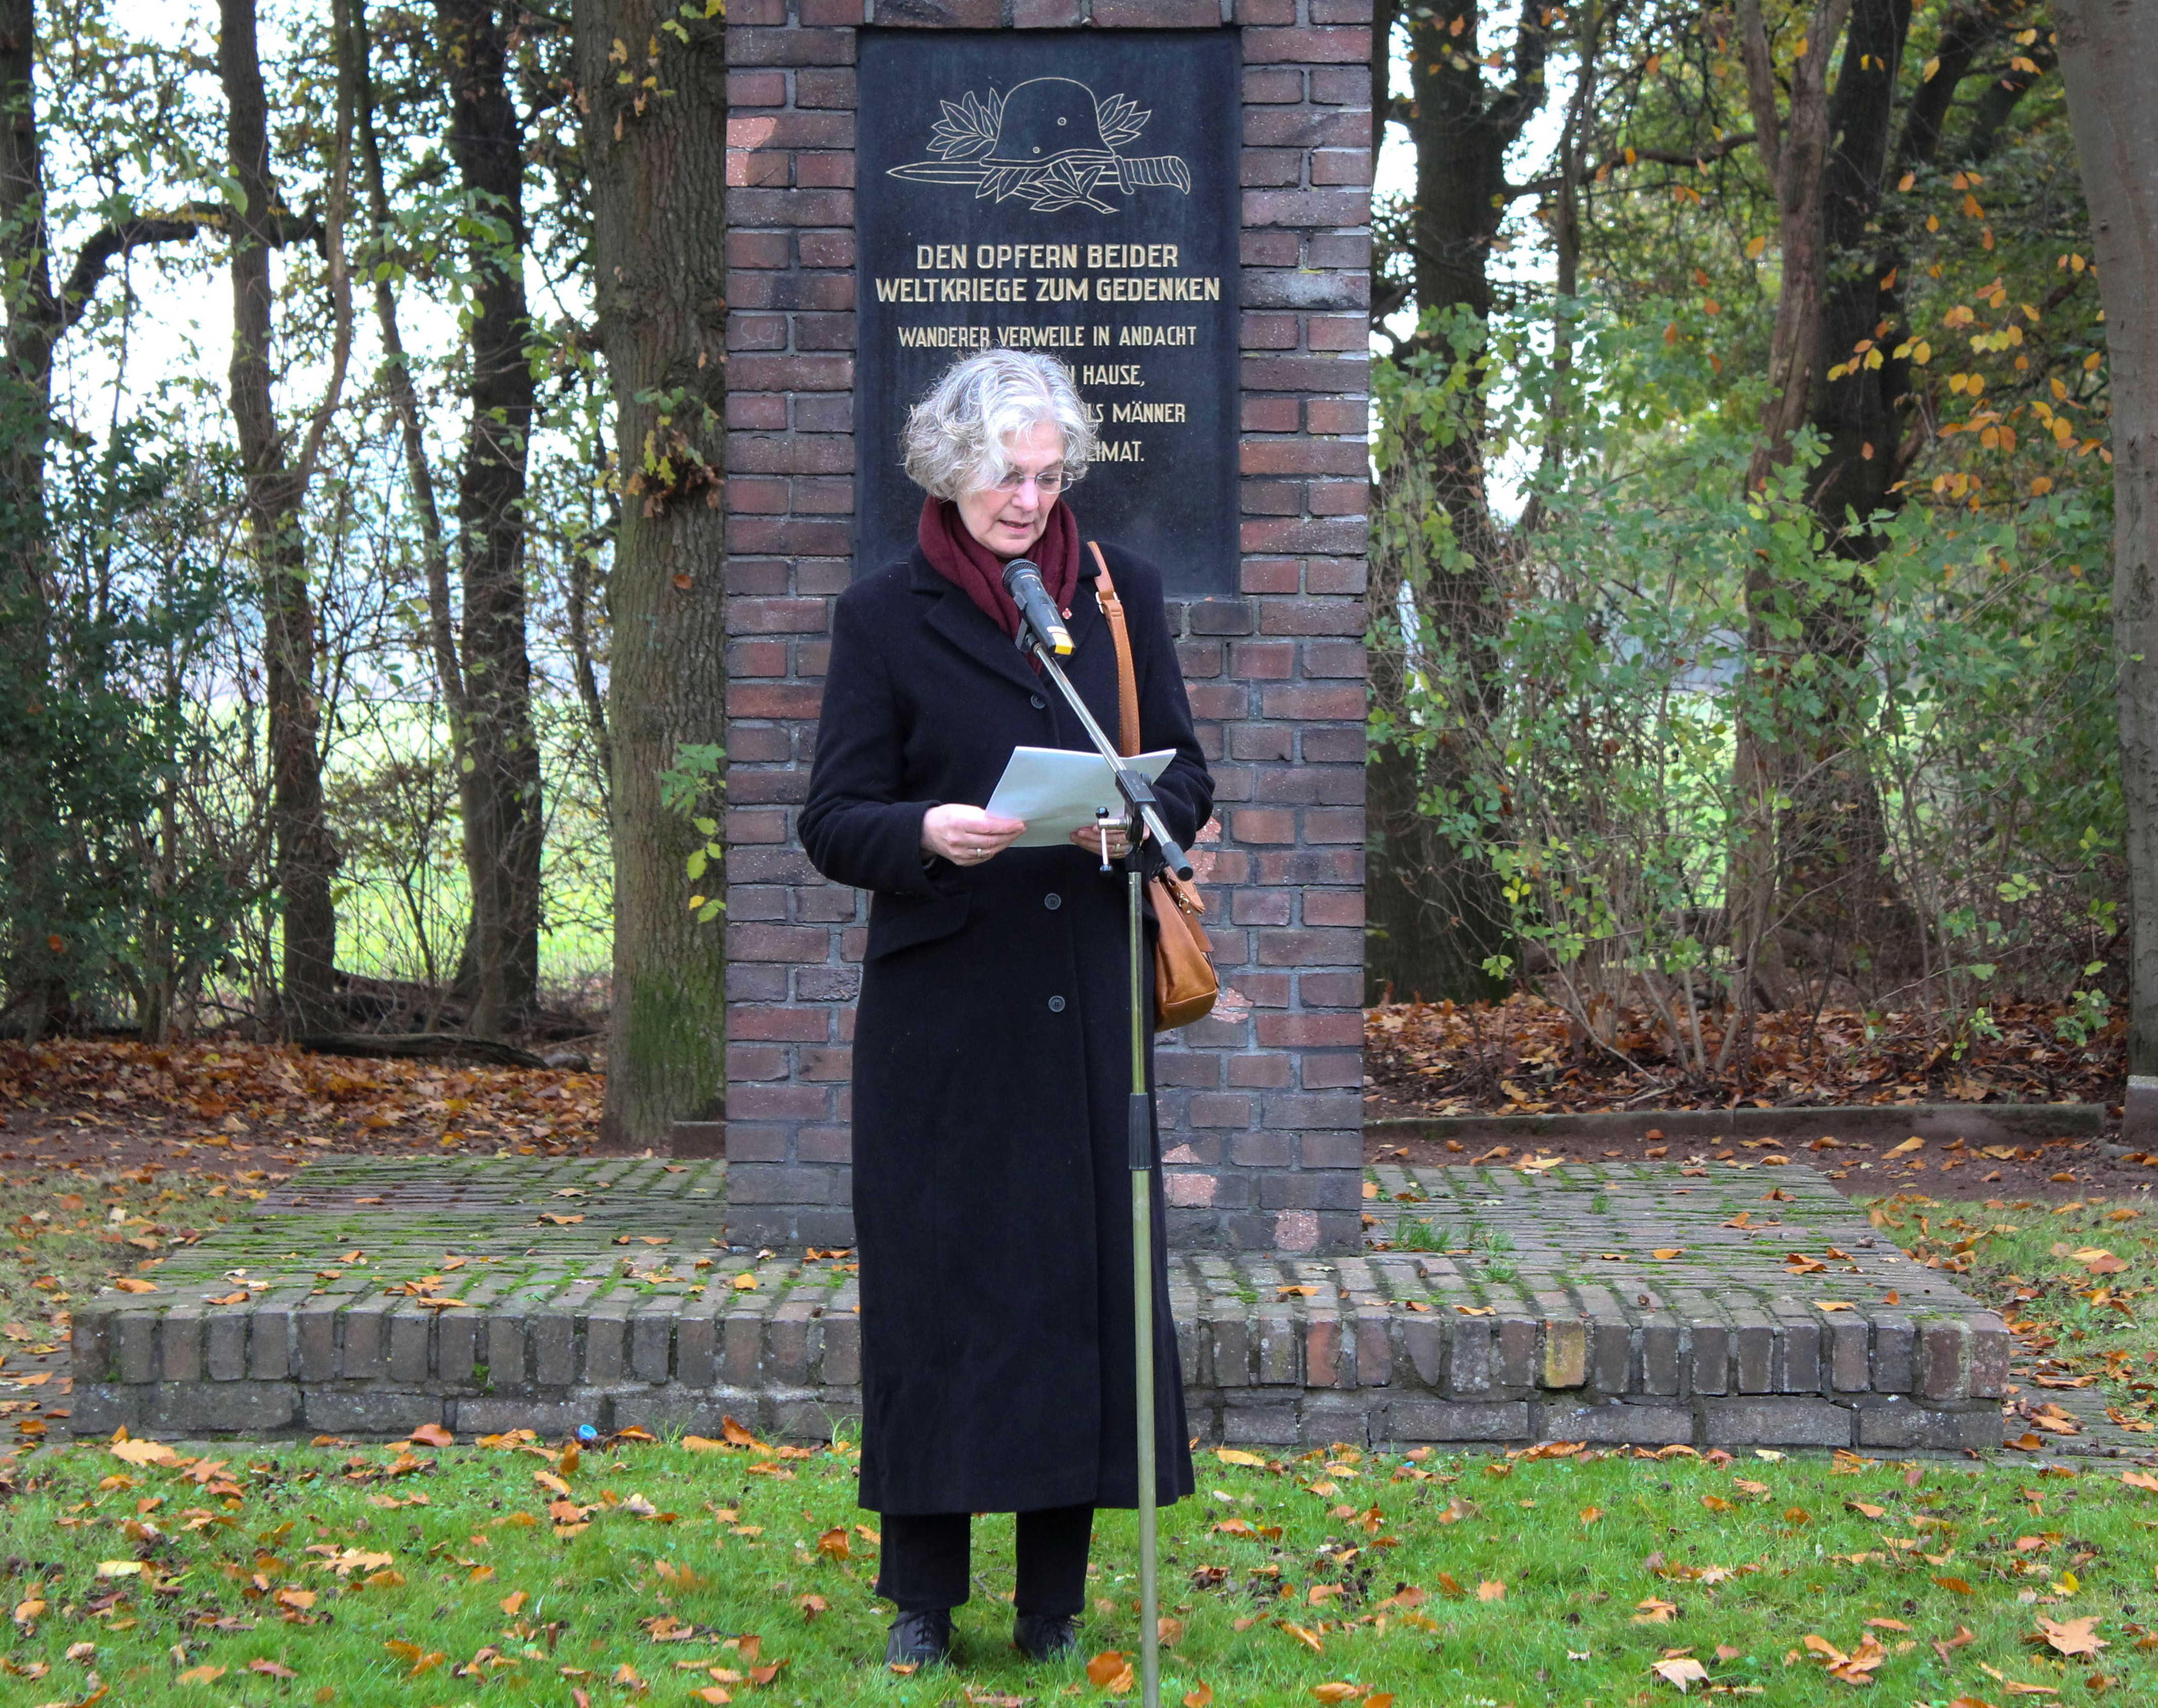 Karin Winkel bei ihrer Ansprache im Jahr 2016